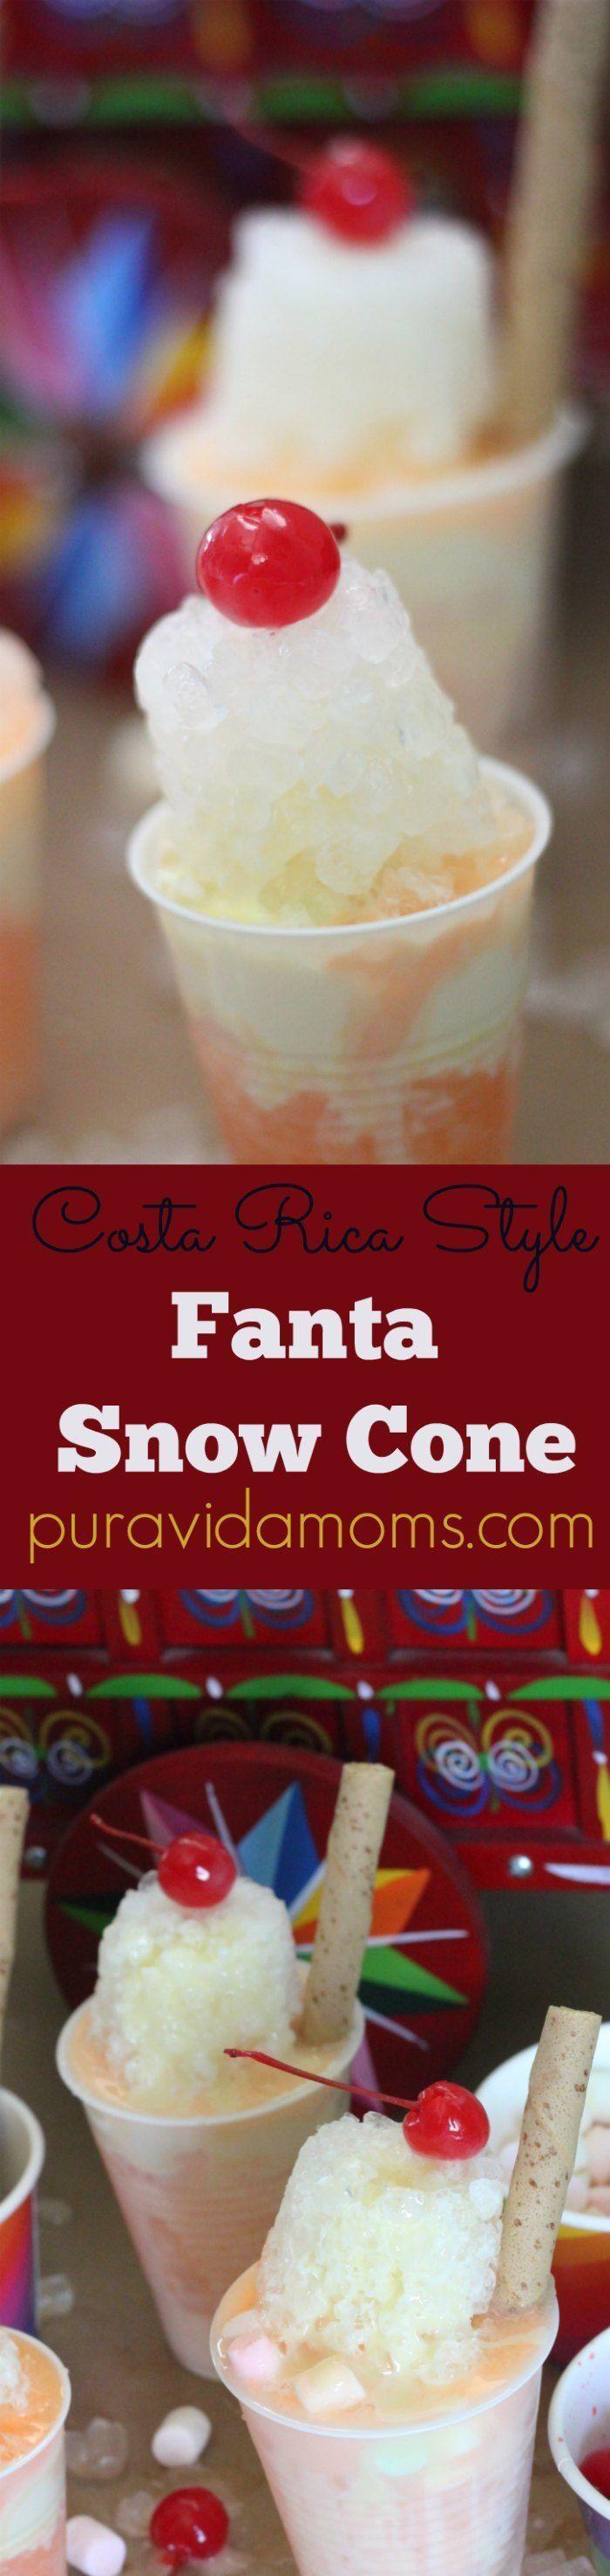 Fanta snow cone in true costa rica style